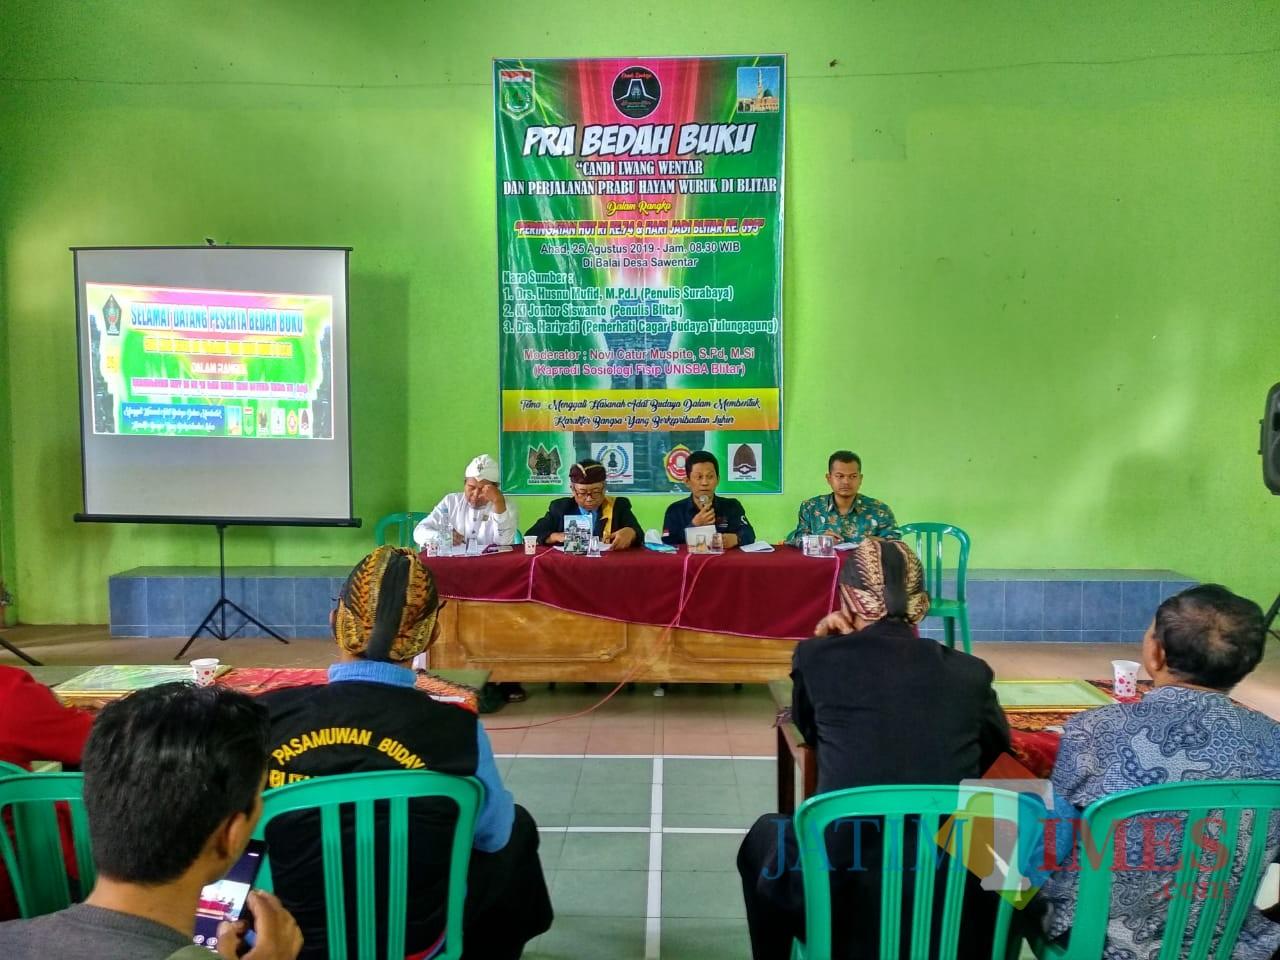 Kembangkan Desa Wisata Budaya Lembaga Adat Desa Sawentar Bedah